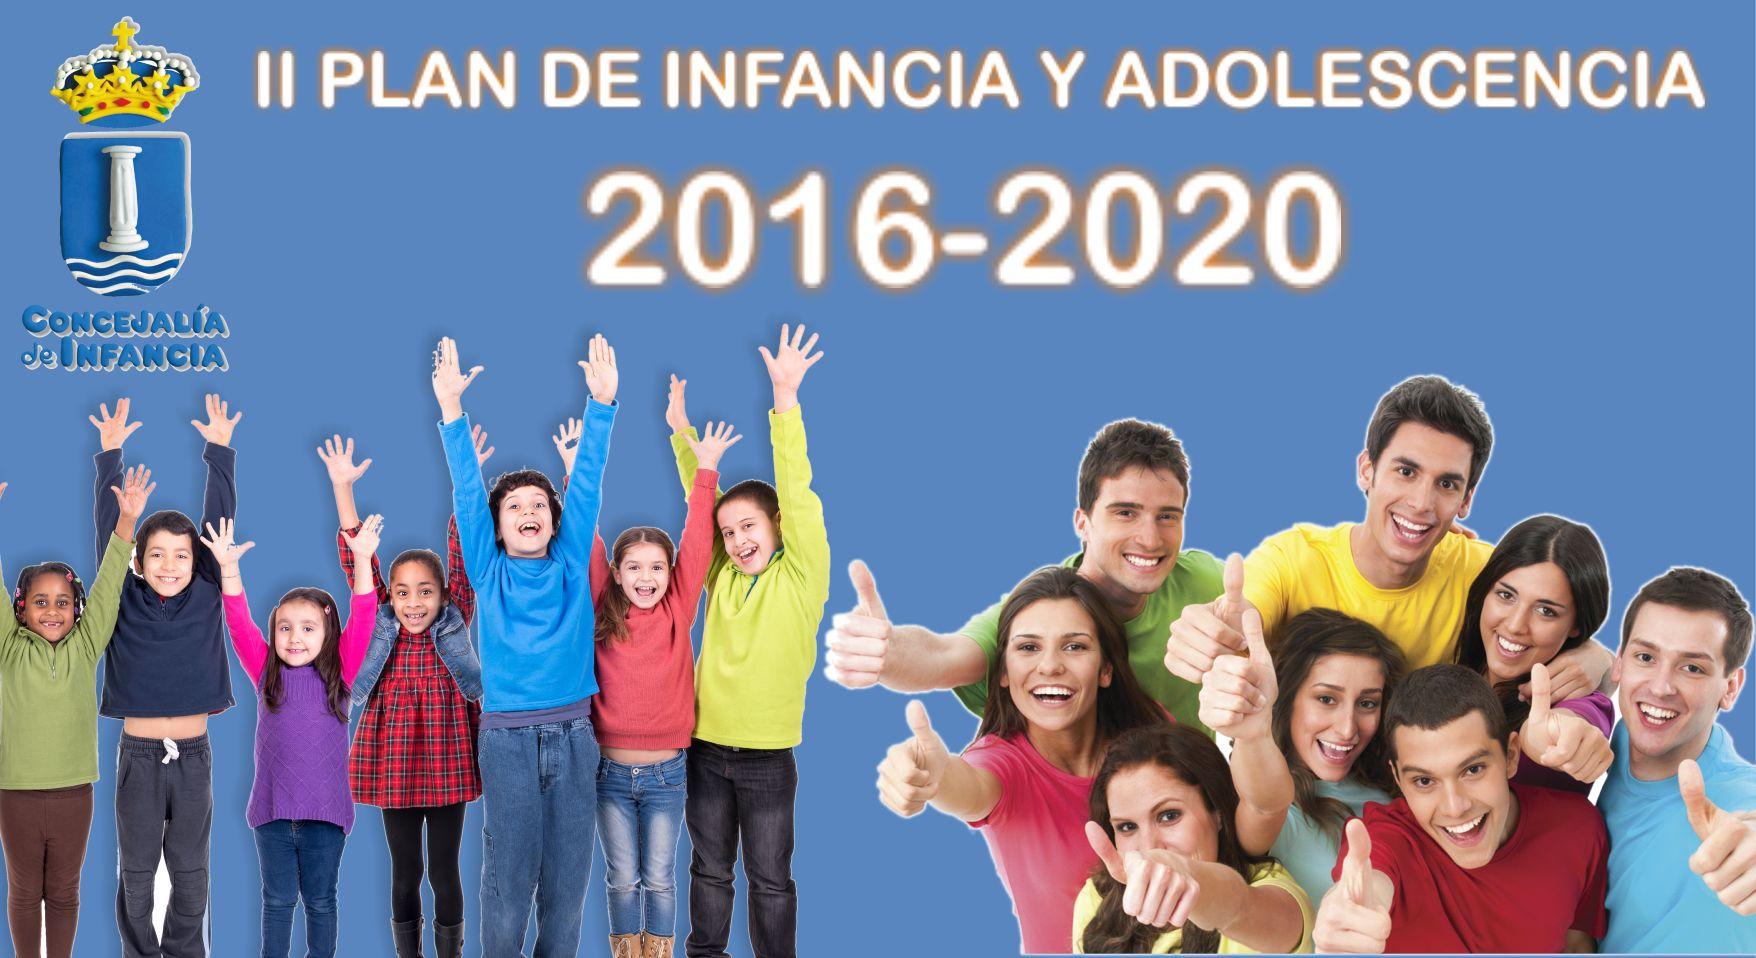 planes con adolescentes en madrid